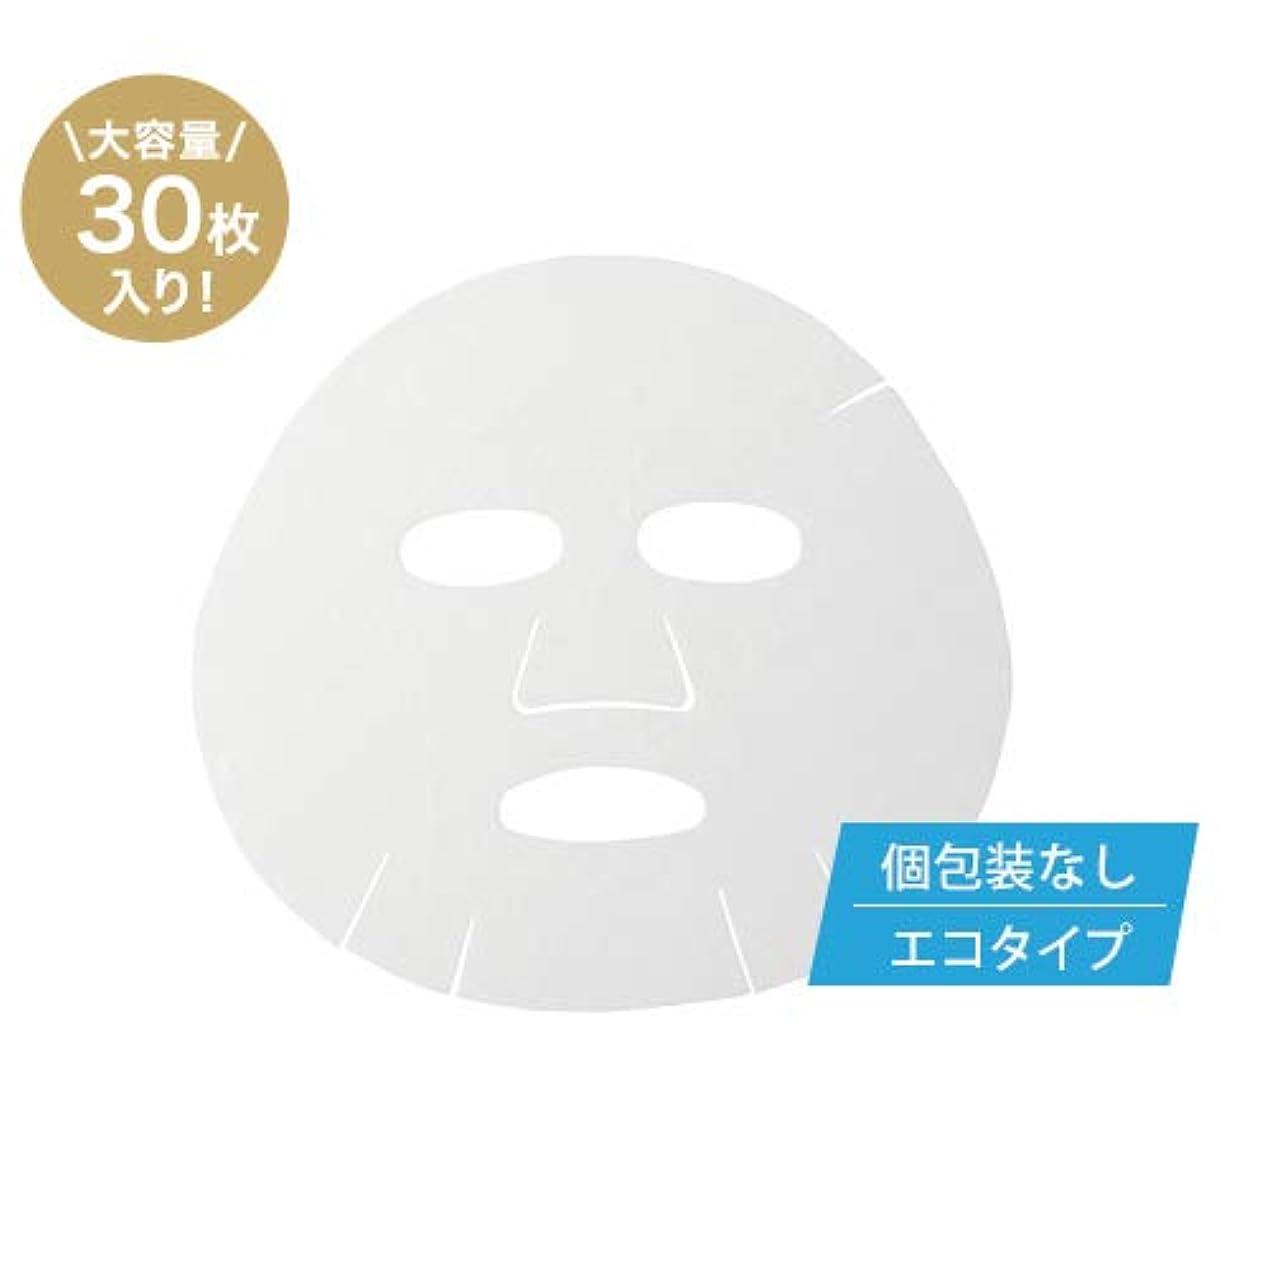 避難するショート繁栄するMAMEW エッセンスシートマスク(個包装無し?大容量タイプ)-日本製の顔パック-毛穴を引き締める?保湿効果?くすみ?しわ対策におすすめ?お肌しっとり-EGF配合-お得な30枚セット